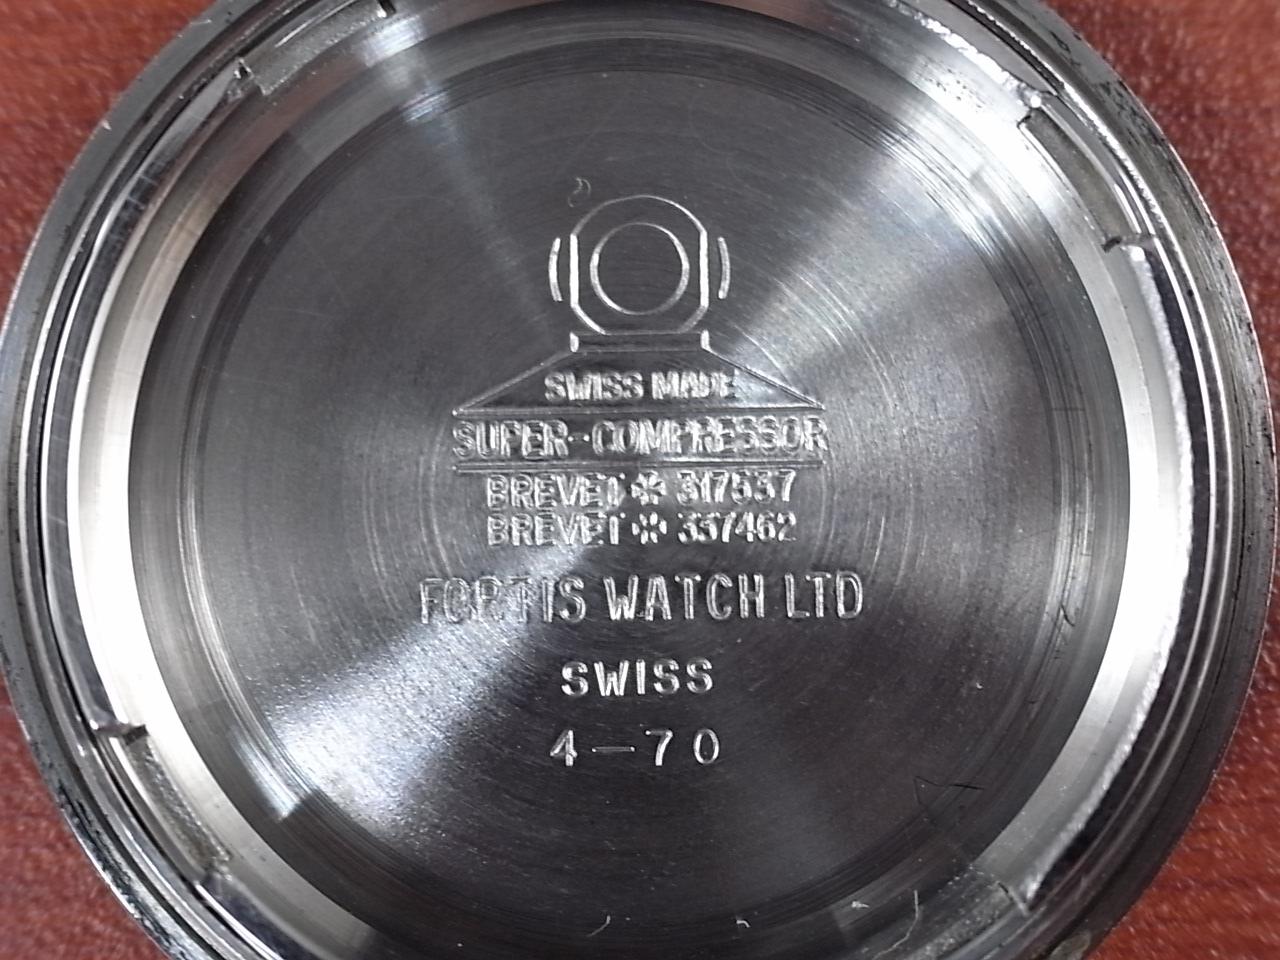 フォルティス マリーンマスター ダイバーズウオッチ スーバーコンプレッサー 1970年代の写真6枚目